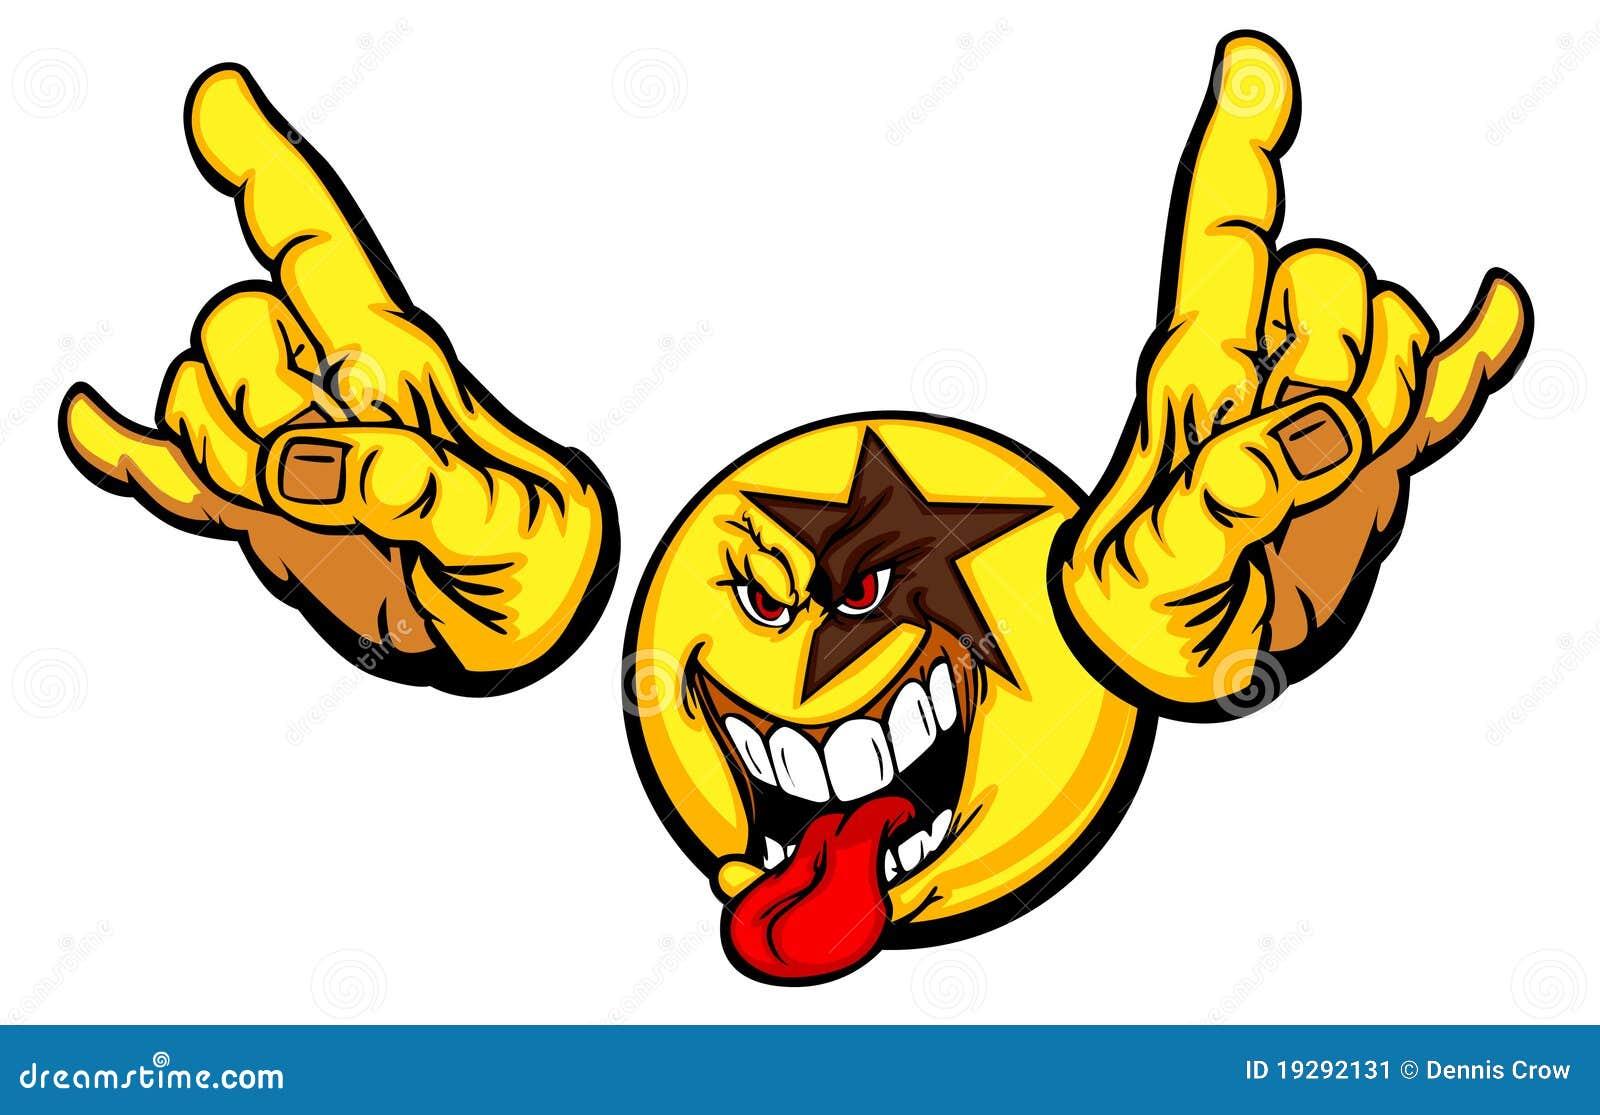 rock-star-smiley-face-emoticon-19292131.